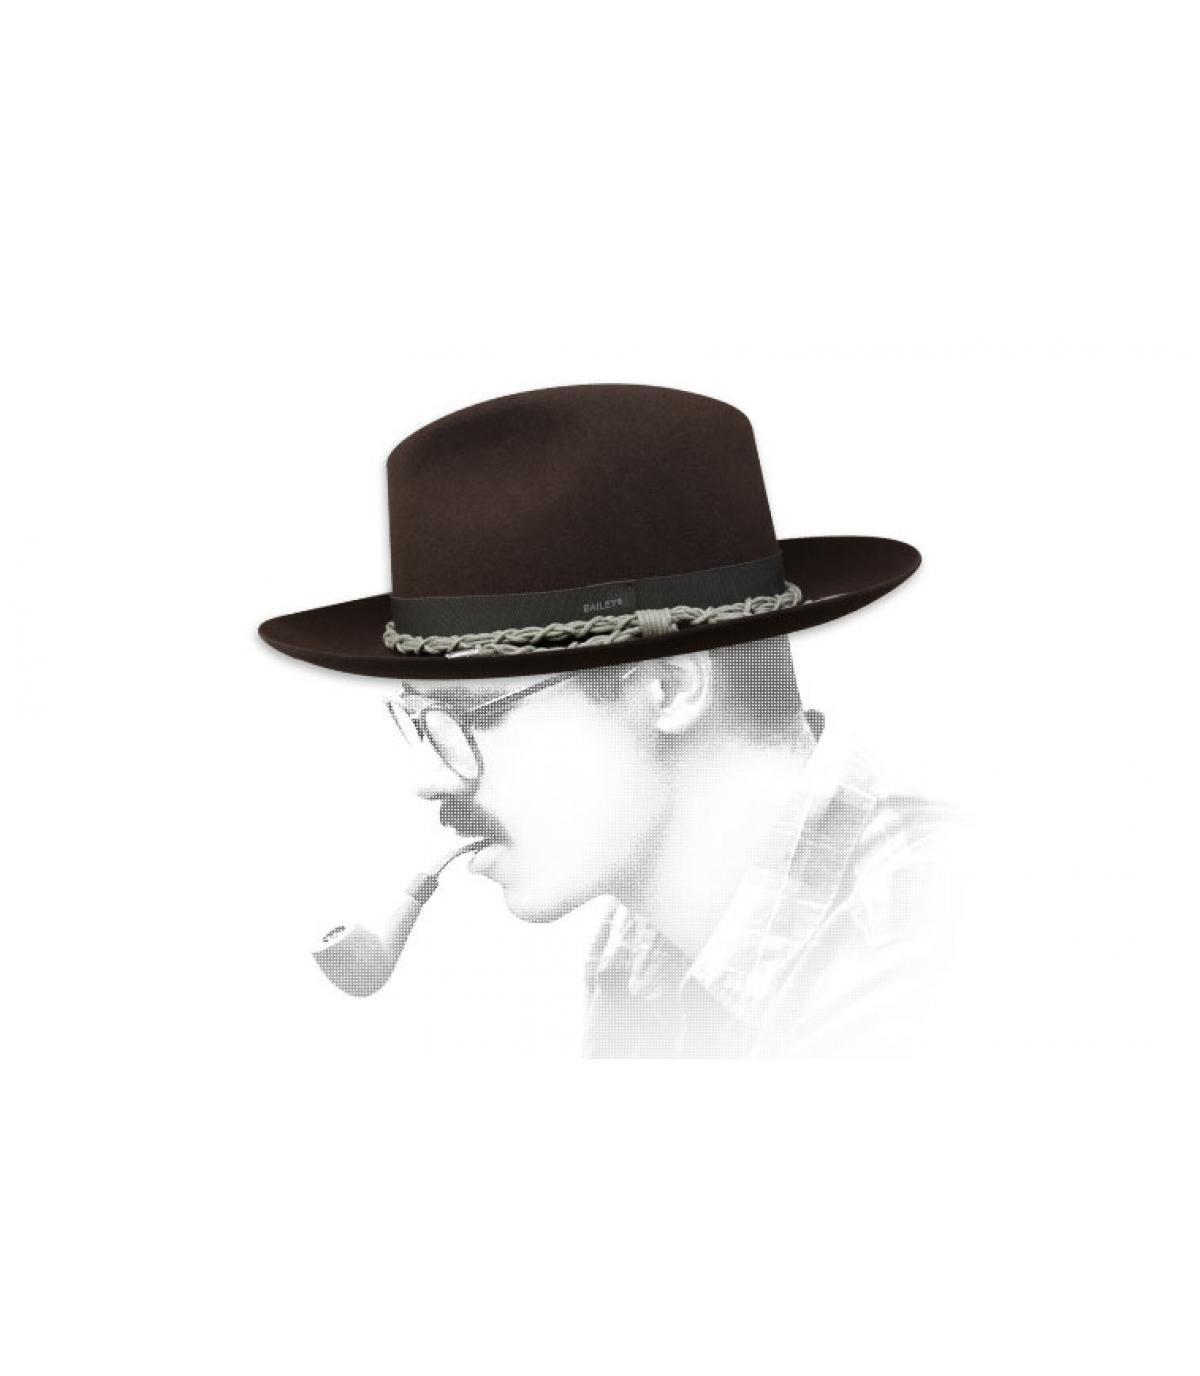 Bailey bruine vilten hoed